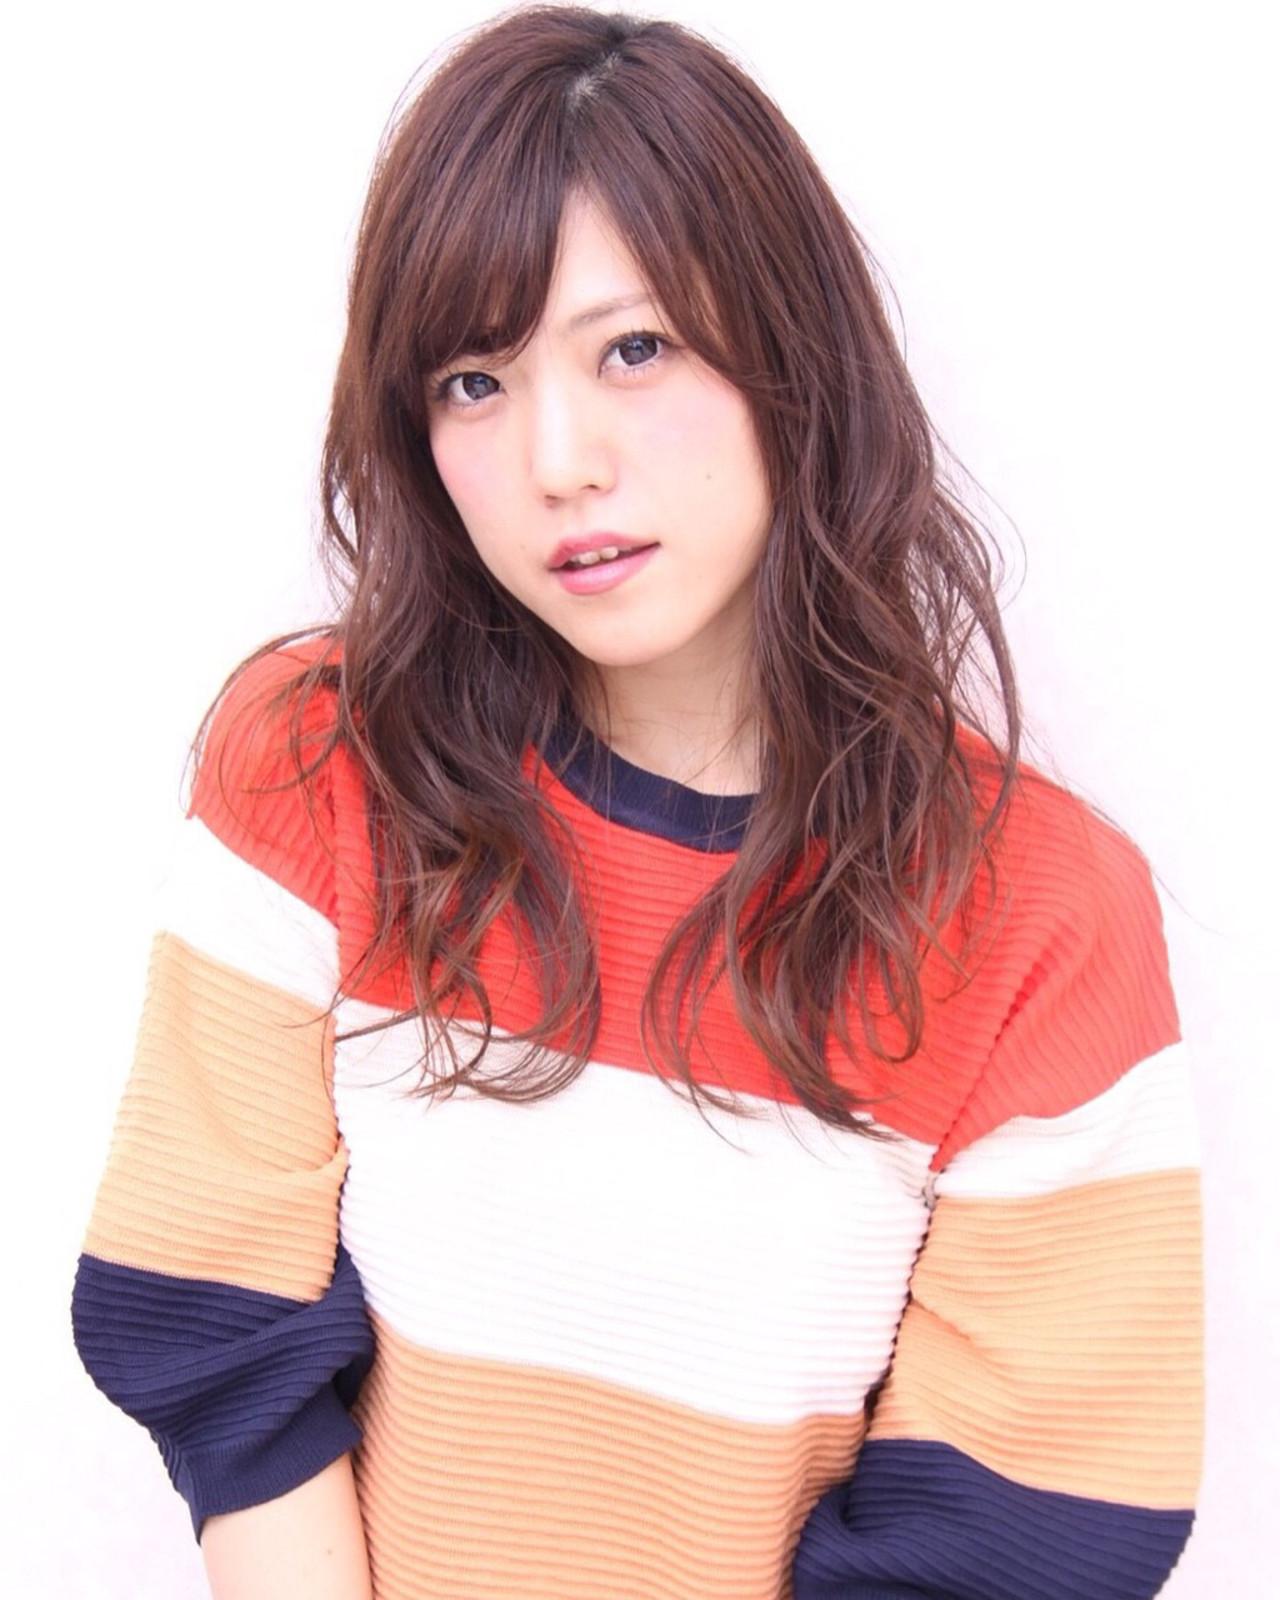 丸顔さんのちょいデコ出し!小顔効果満点のパーマヘア arika Yoshioka